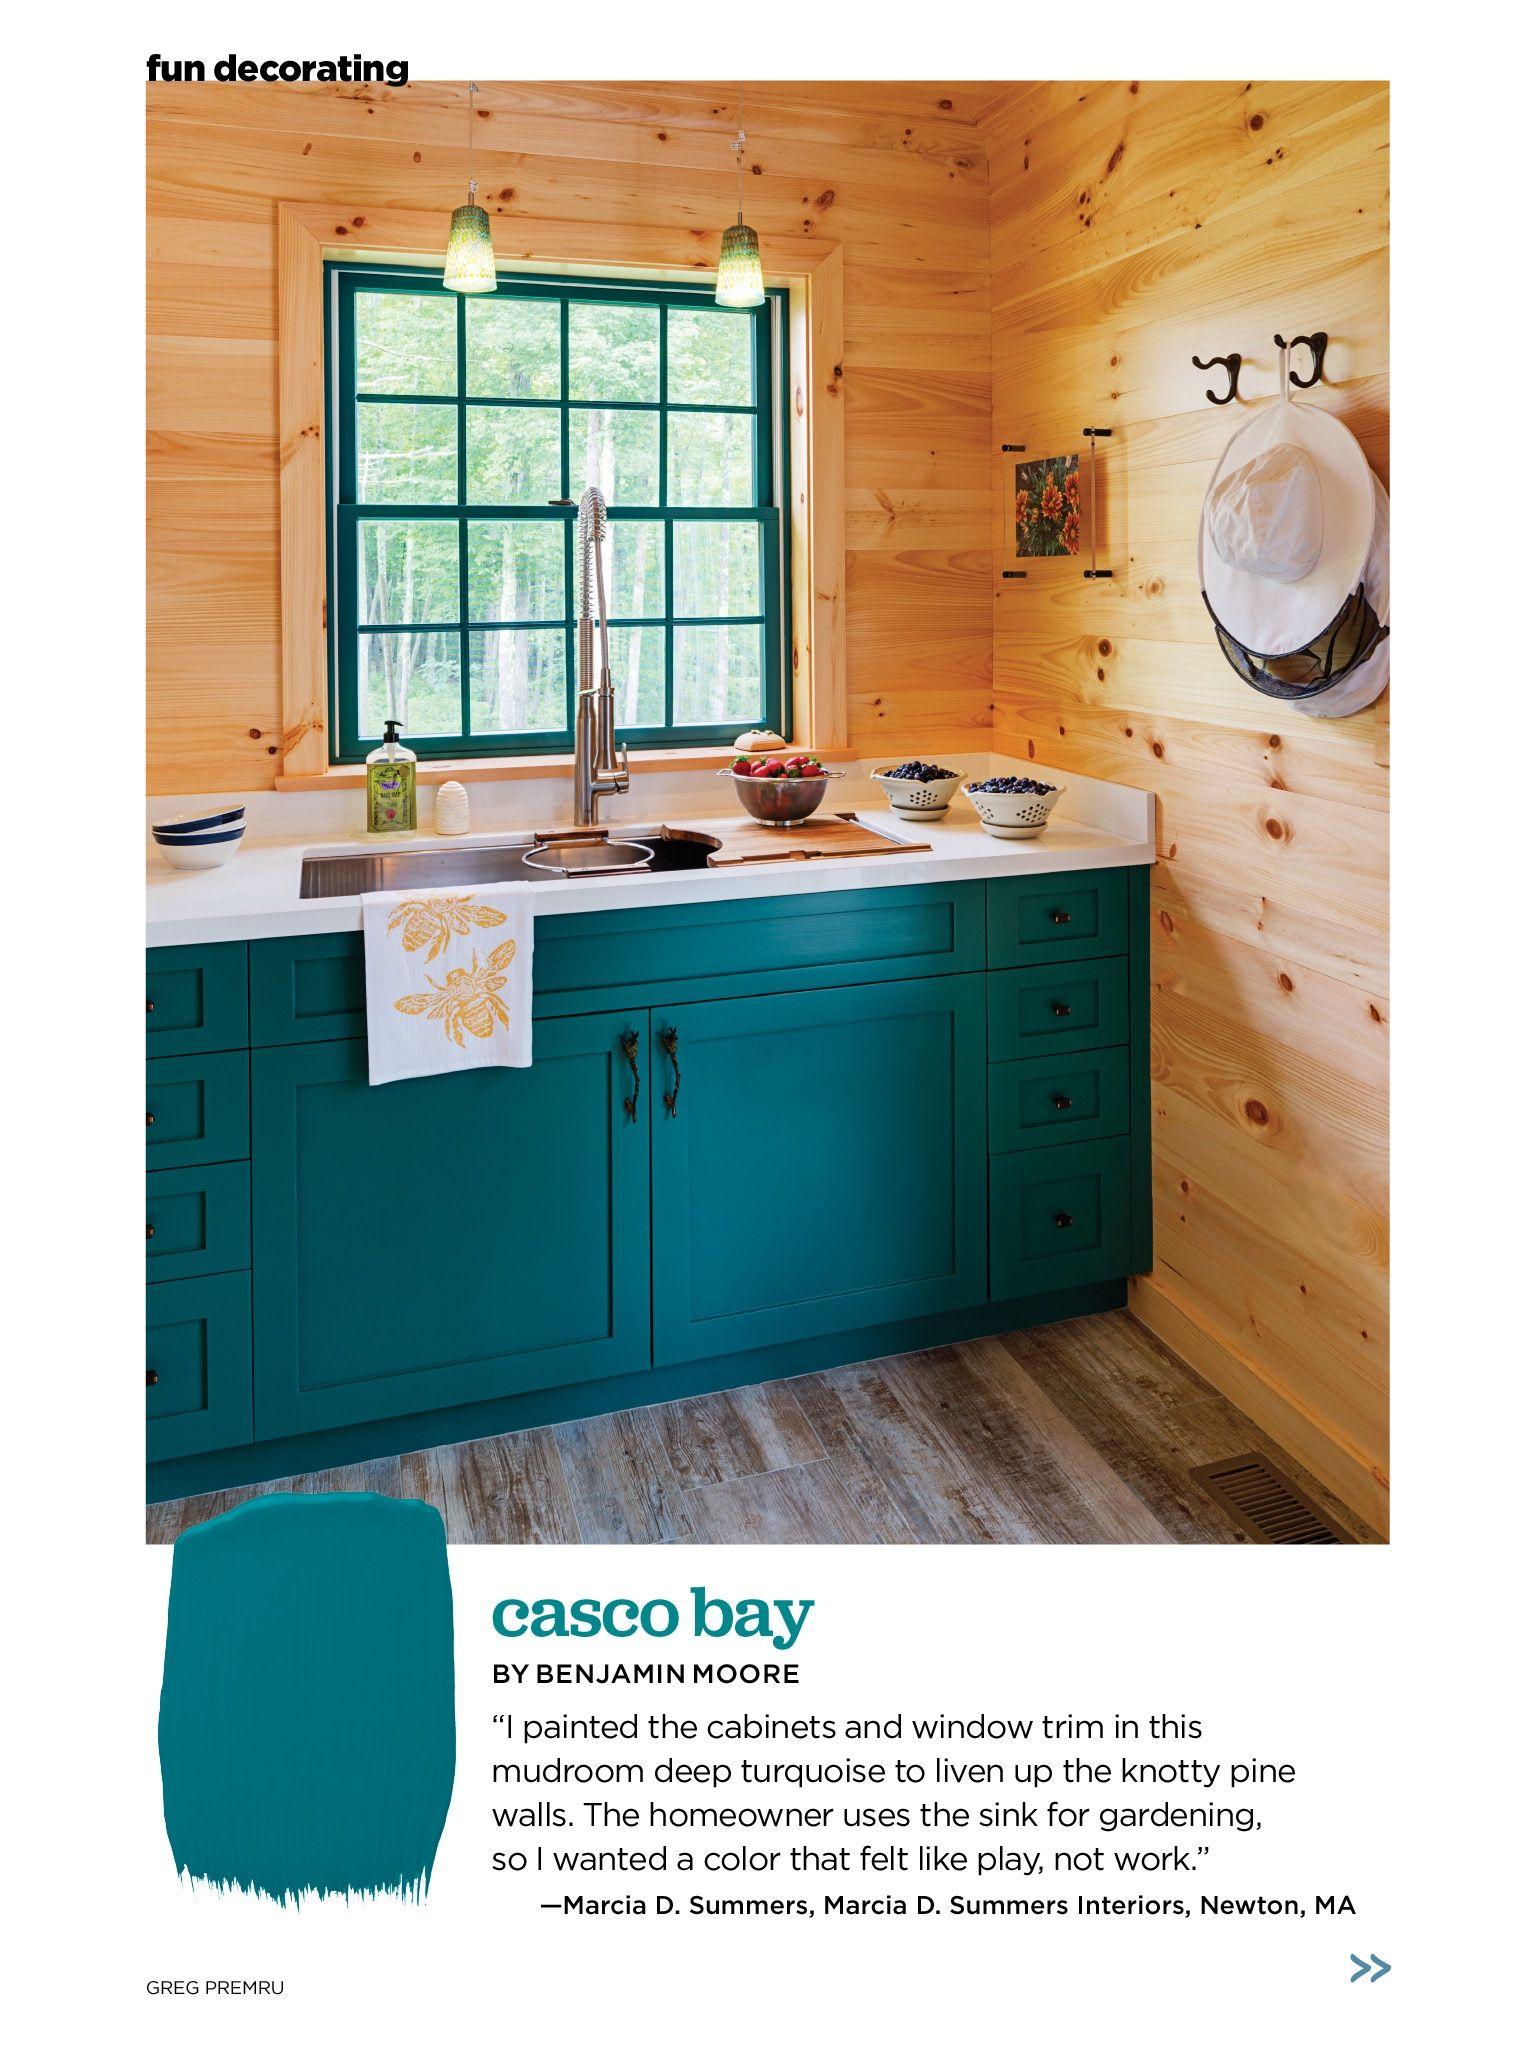 Benjamin Moore Casco Bay - bathroom cabinet?   Colors! Patterns ...